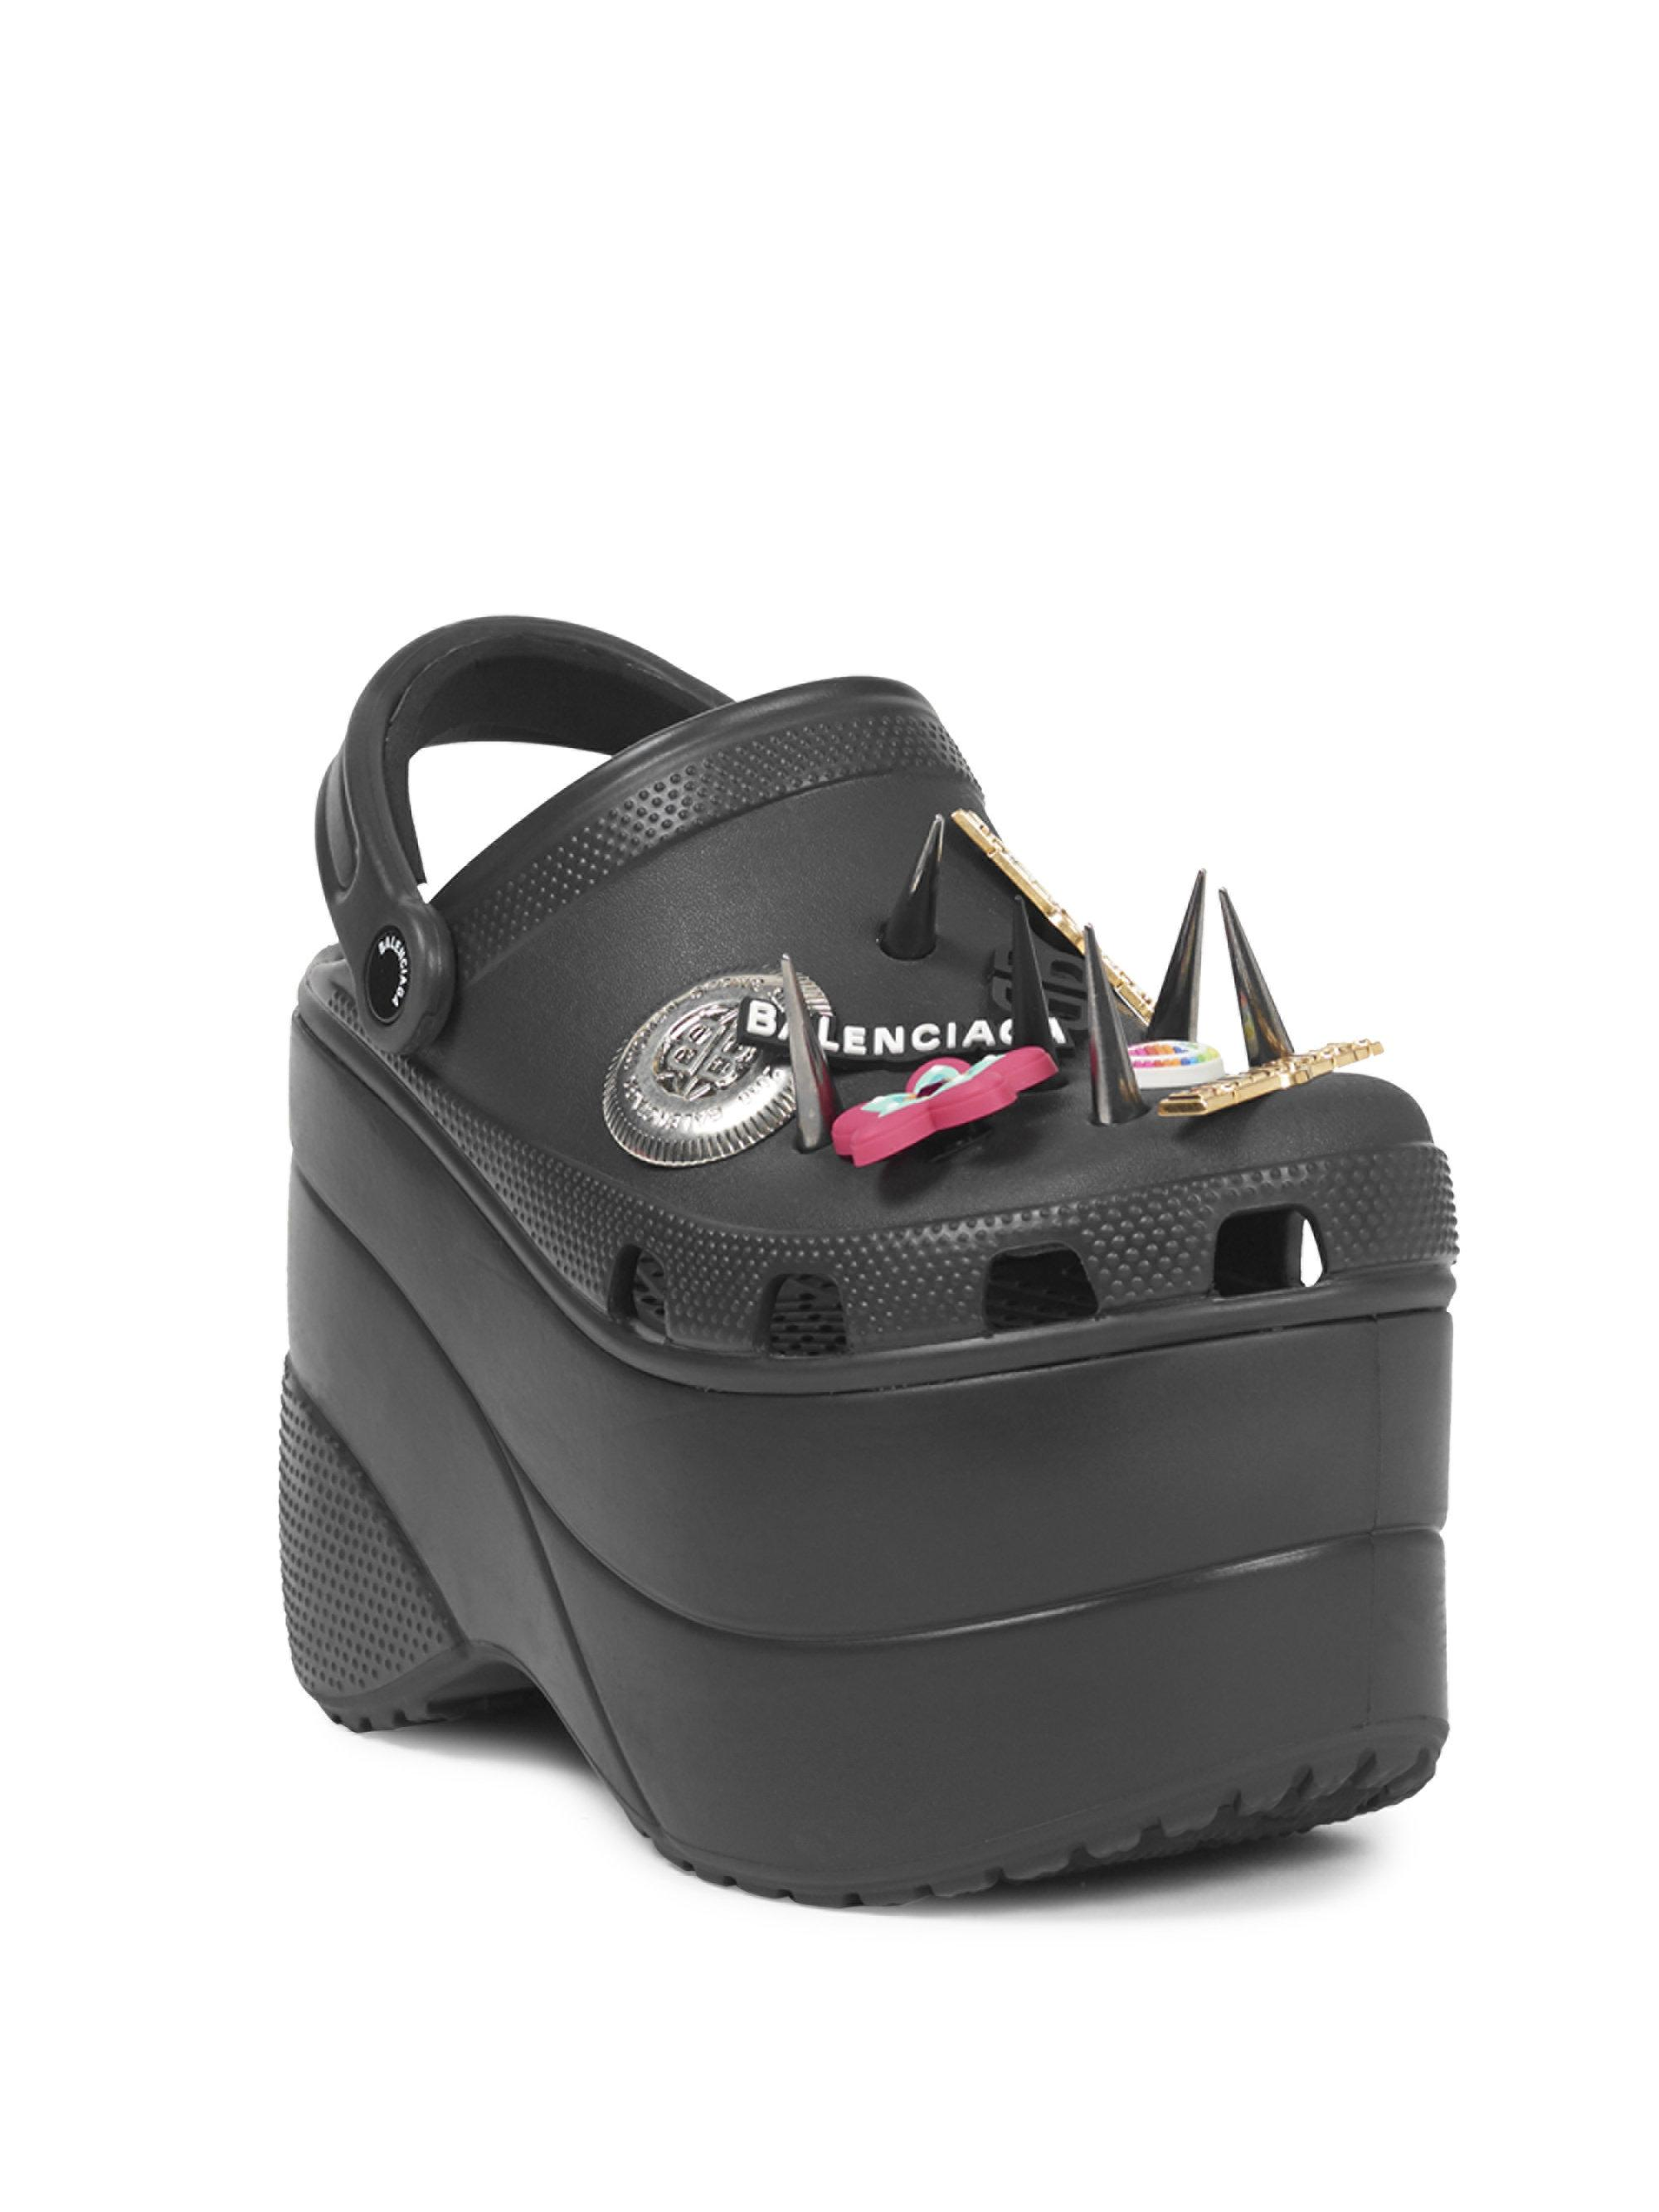 Balenciaga Black Foam Platform Crocs